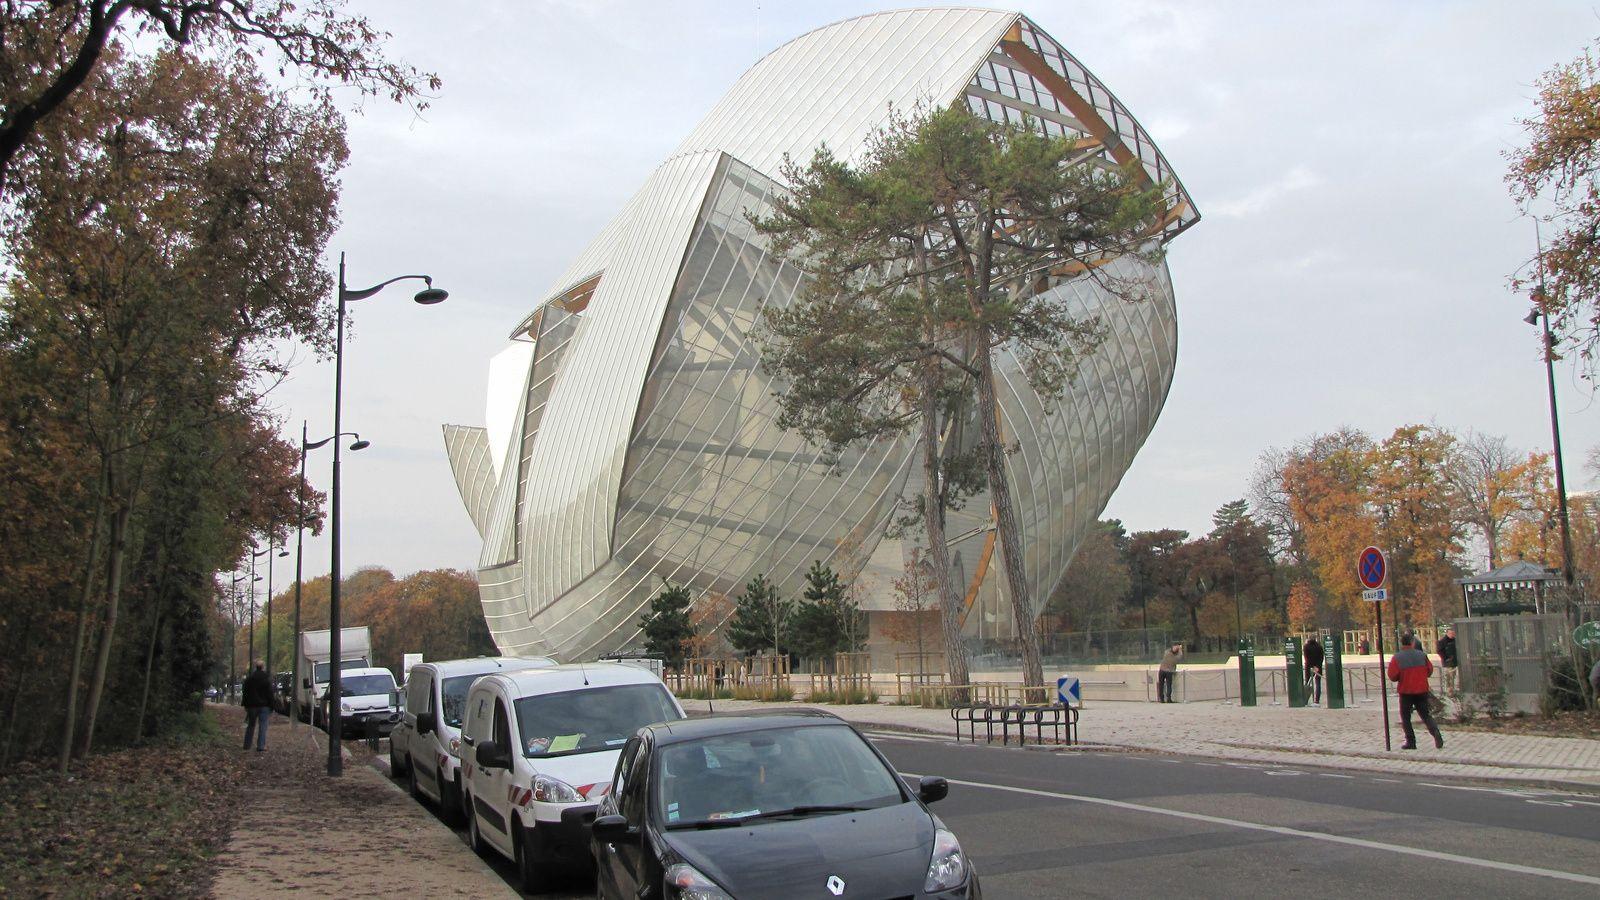 Bâtiment de la Fondation Vuitton au bois de Boulogne (vue générale extérieure)